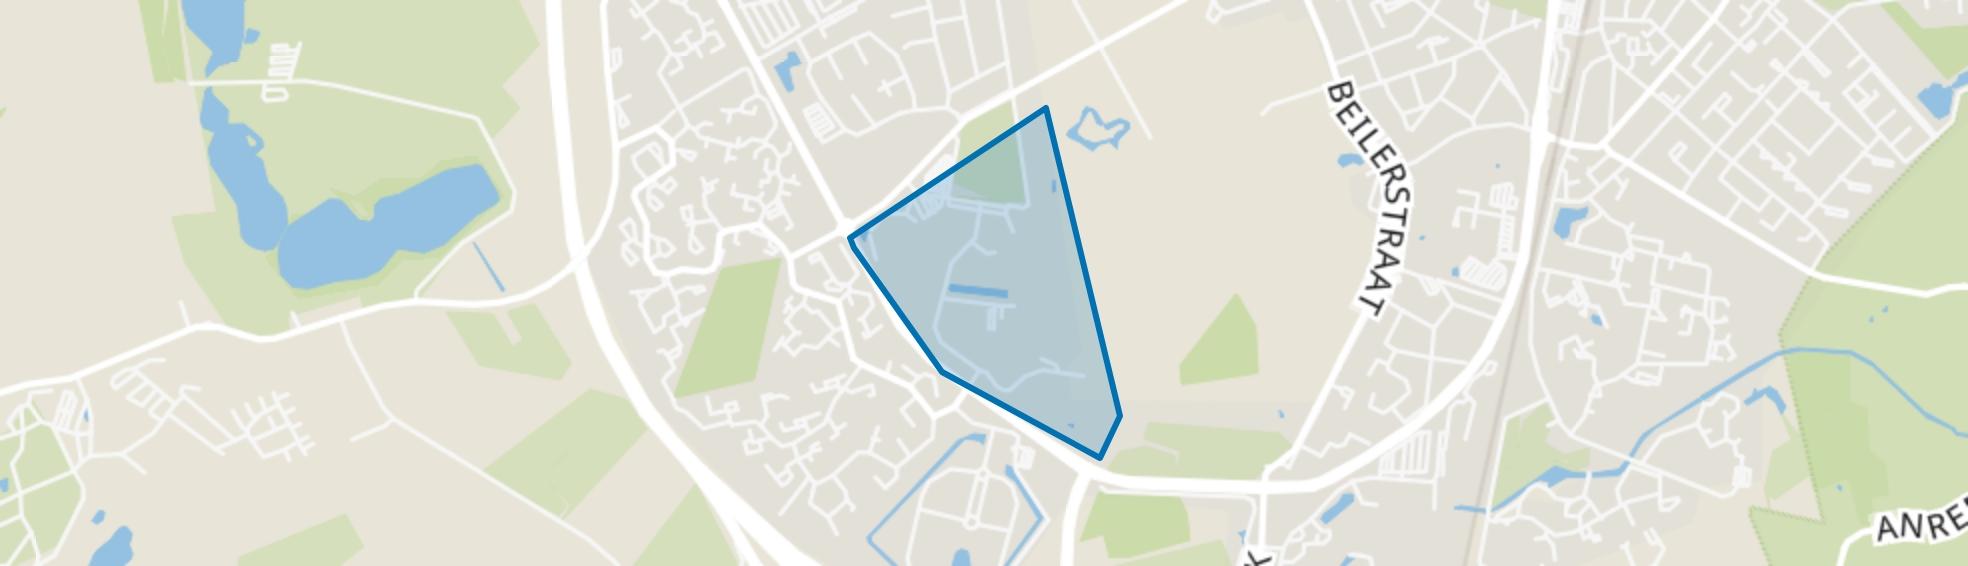 Sportpark Stadsbroek, Assen map